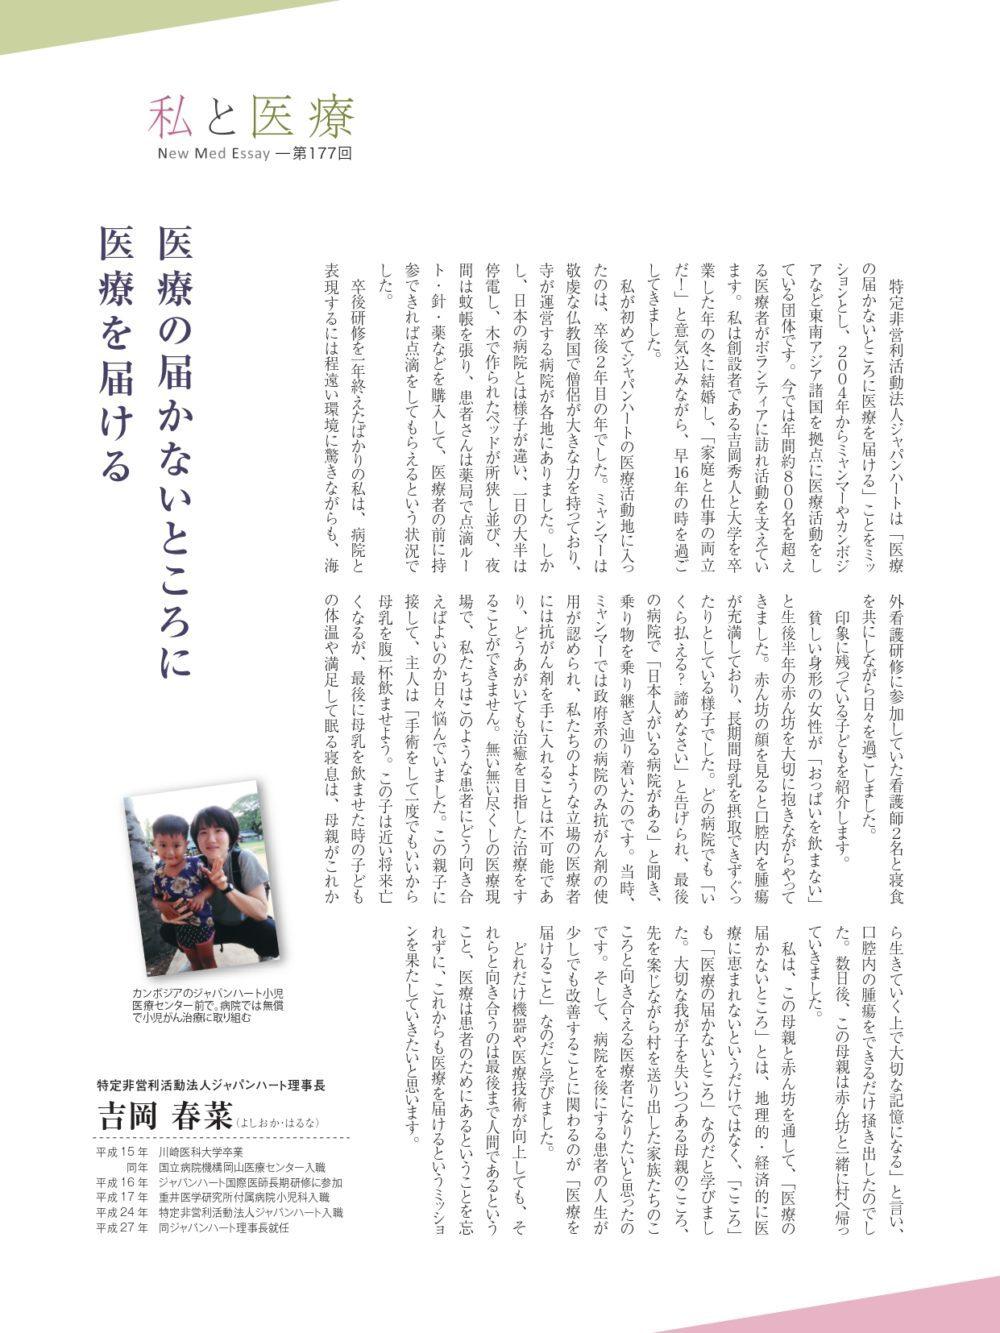 掲載! 『月刊新医療 1月号』吉岡春菜/ジャパンハート代表 小児科医